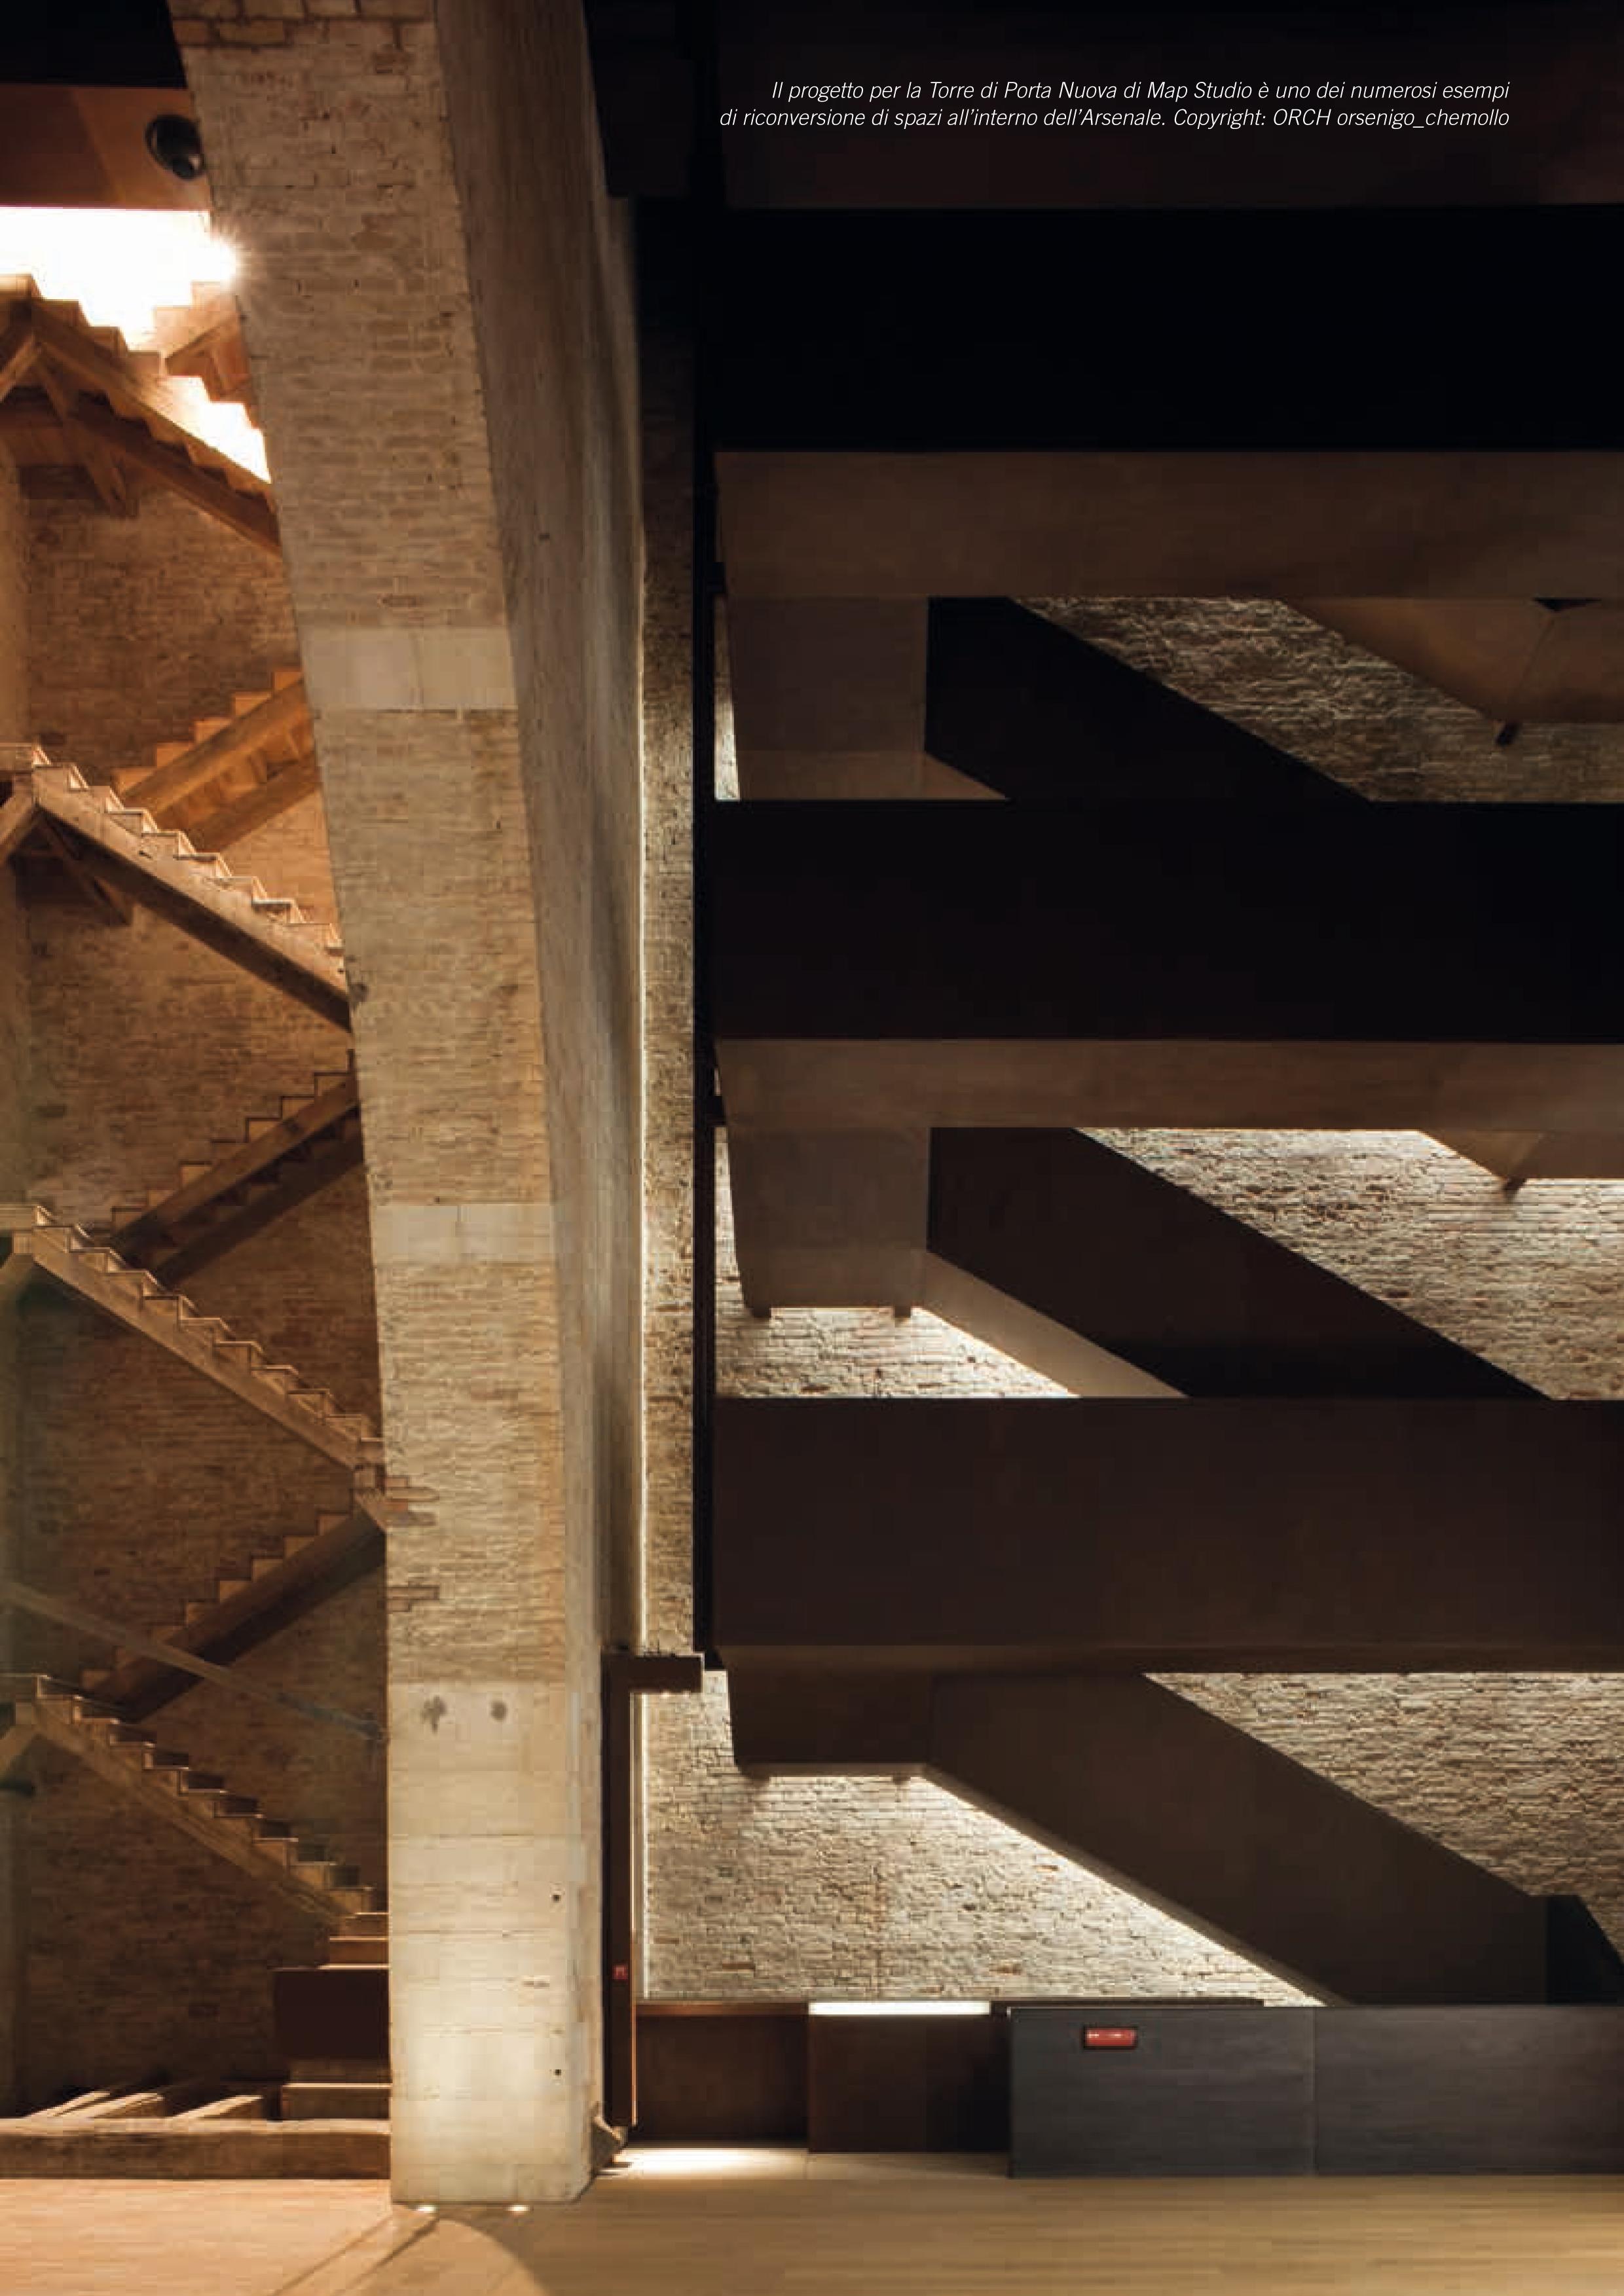 Guida all'architettura moderna di Venezia e convegno